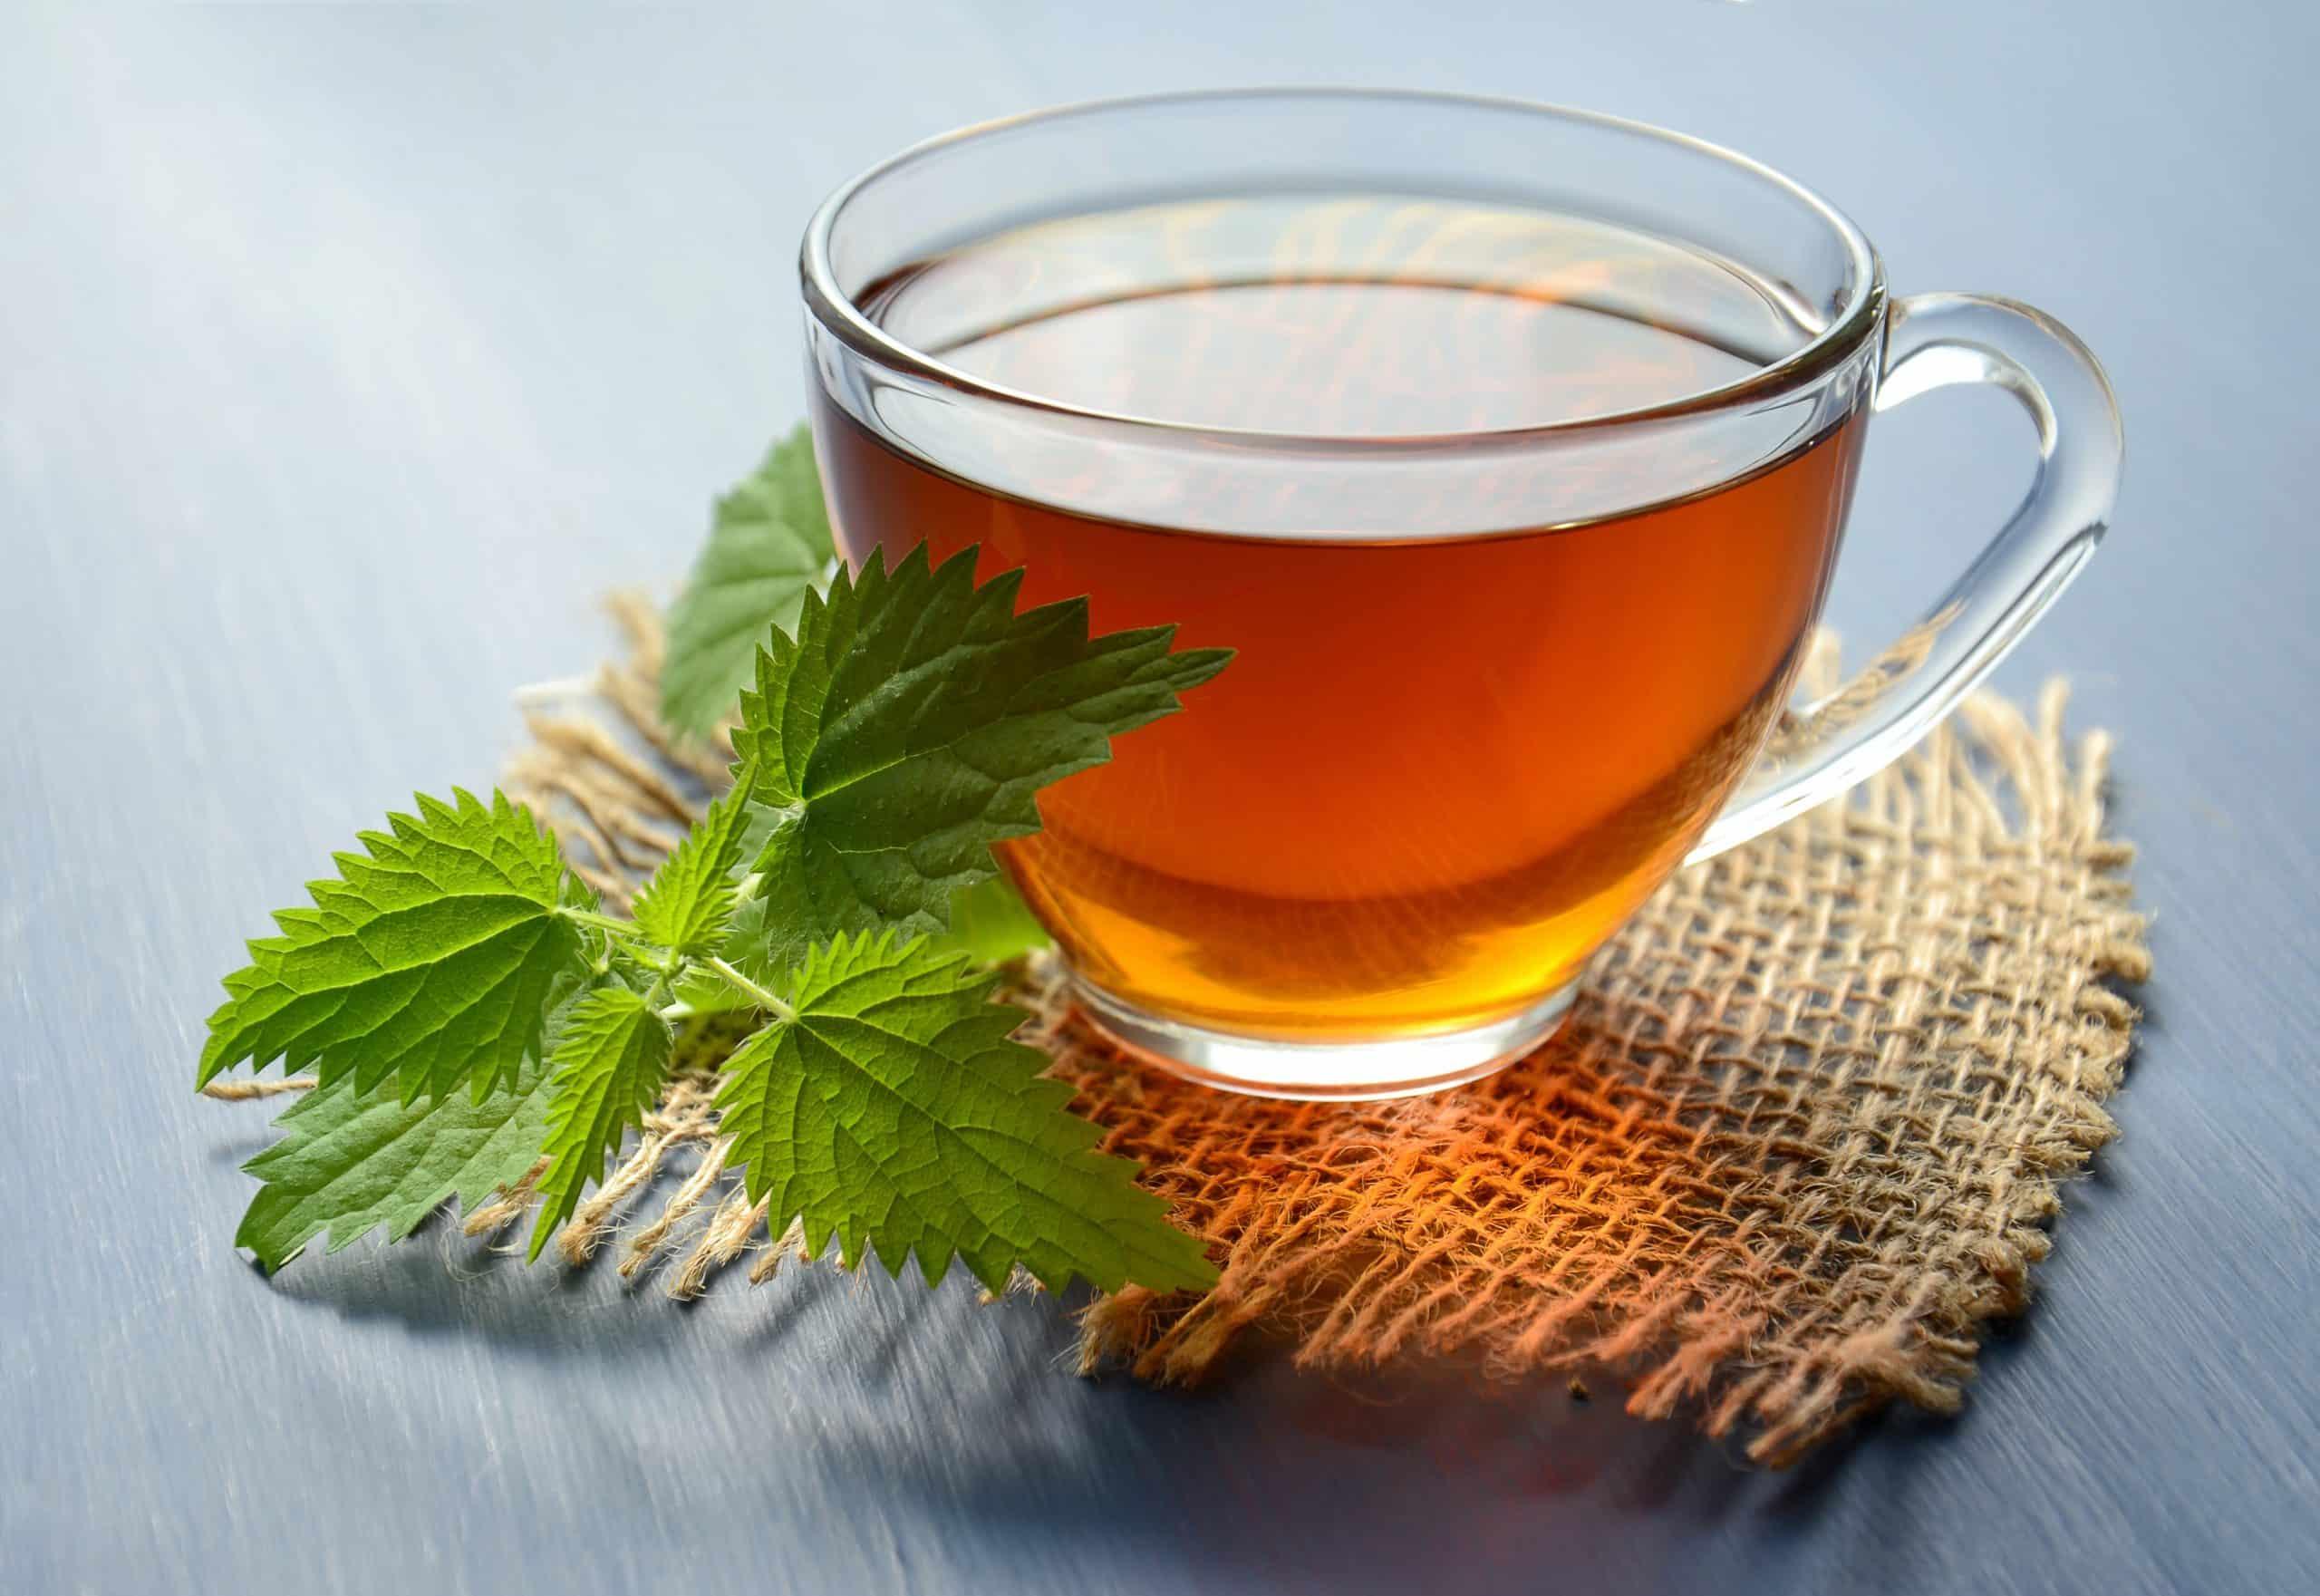 how to sweeten green tea